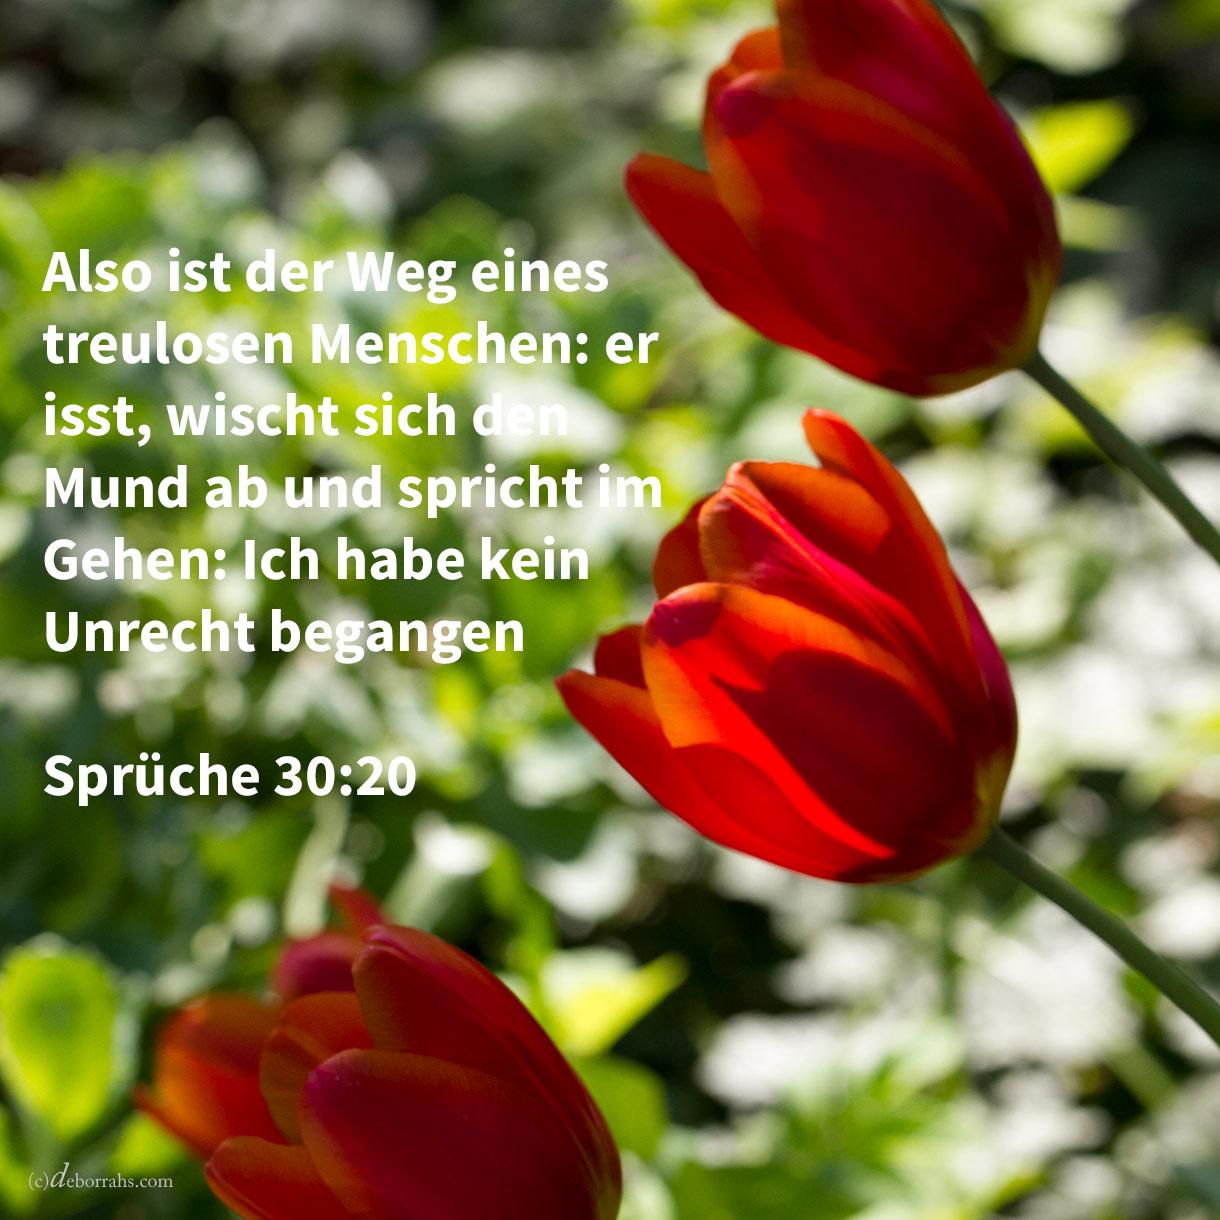 Also ist der Weg eines ehebrecherischen Weibes: sie isst, und sicht ihren Mund und spricht: Ich habe kein Unrecht begangen ( Sprüche 30,20 )